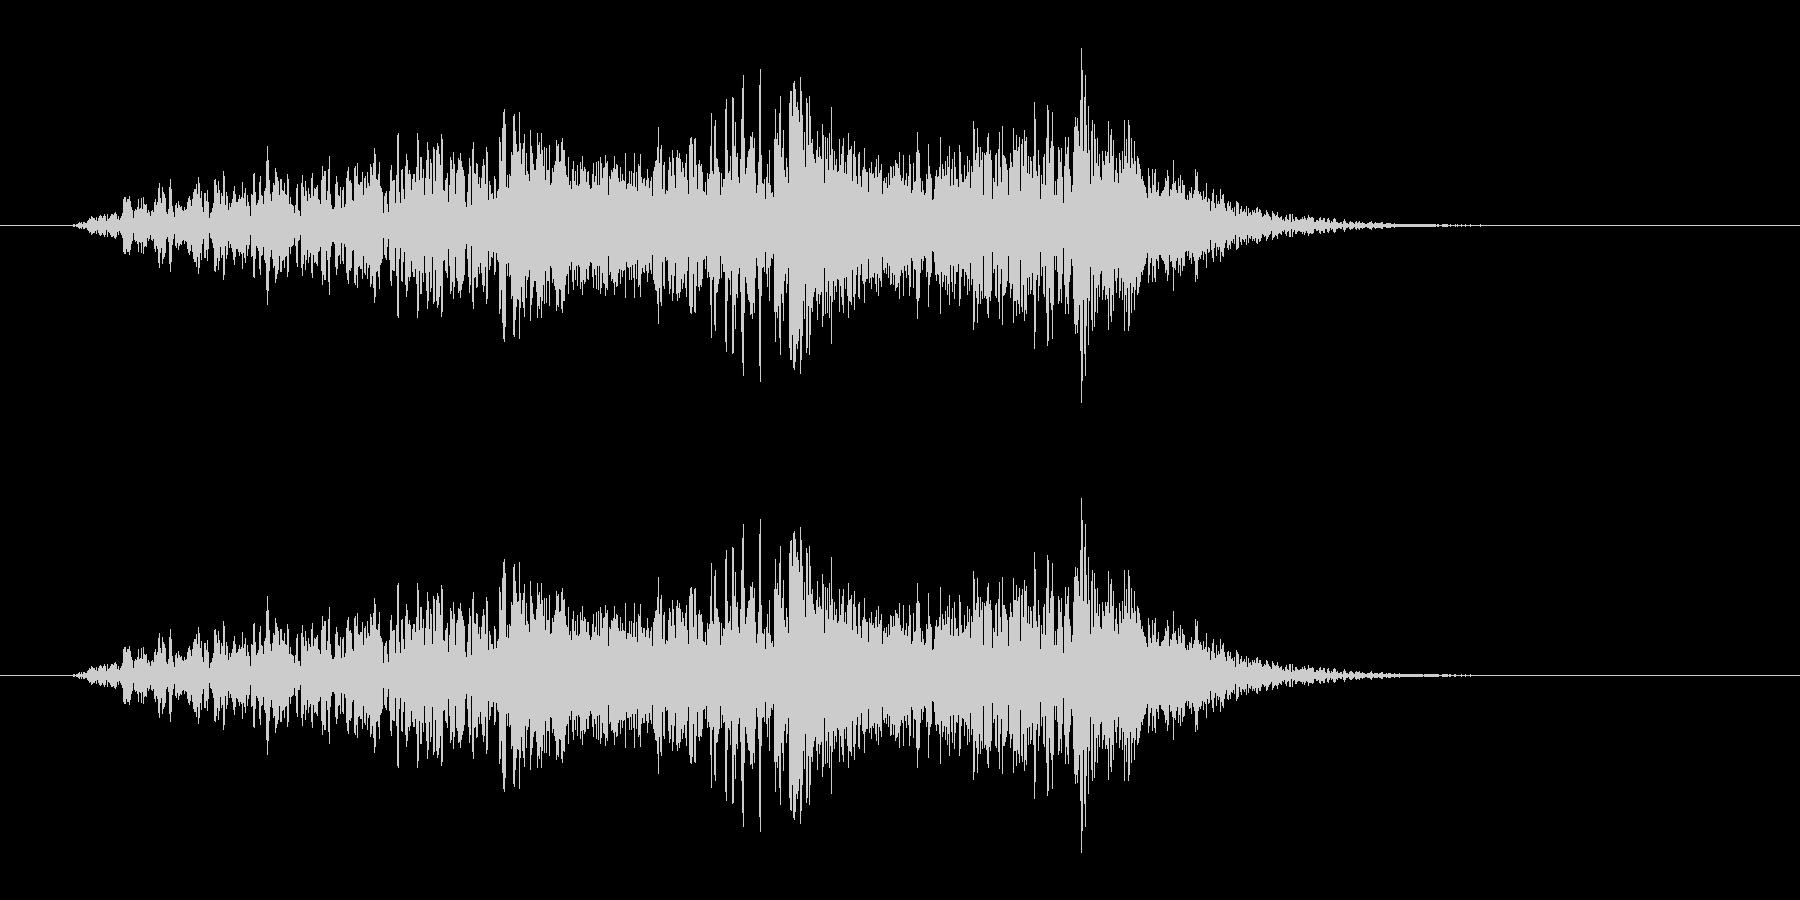 野鳥の鳴き声_03の未再生の波形